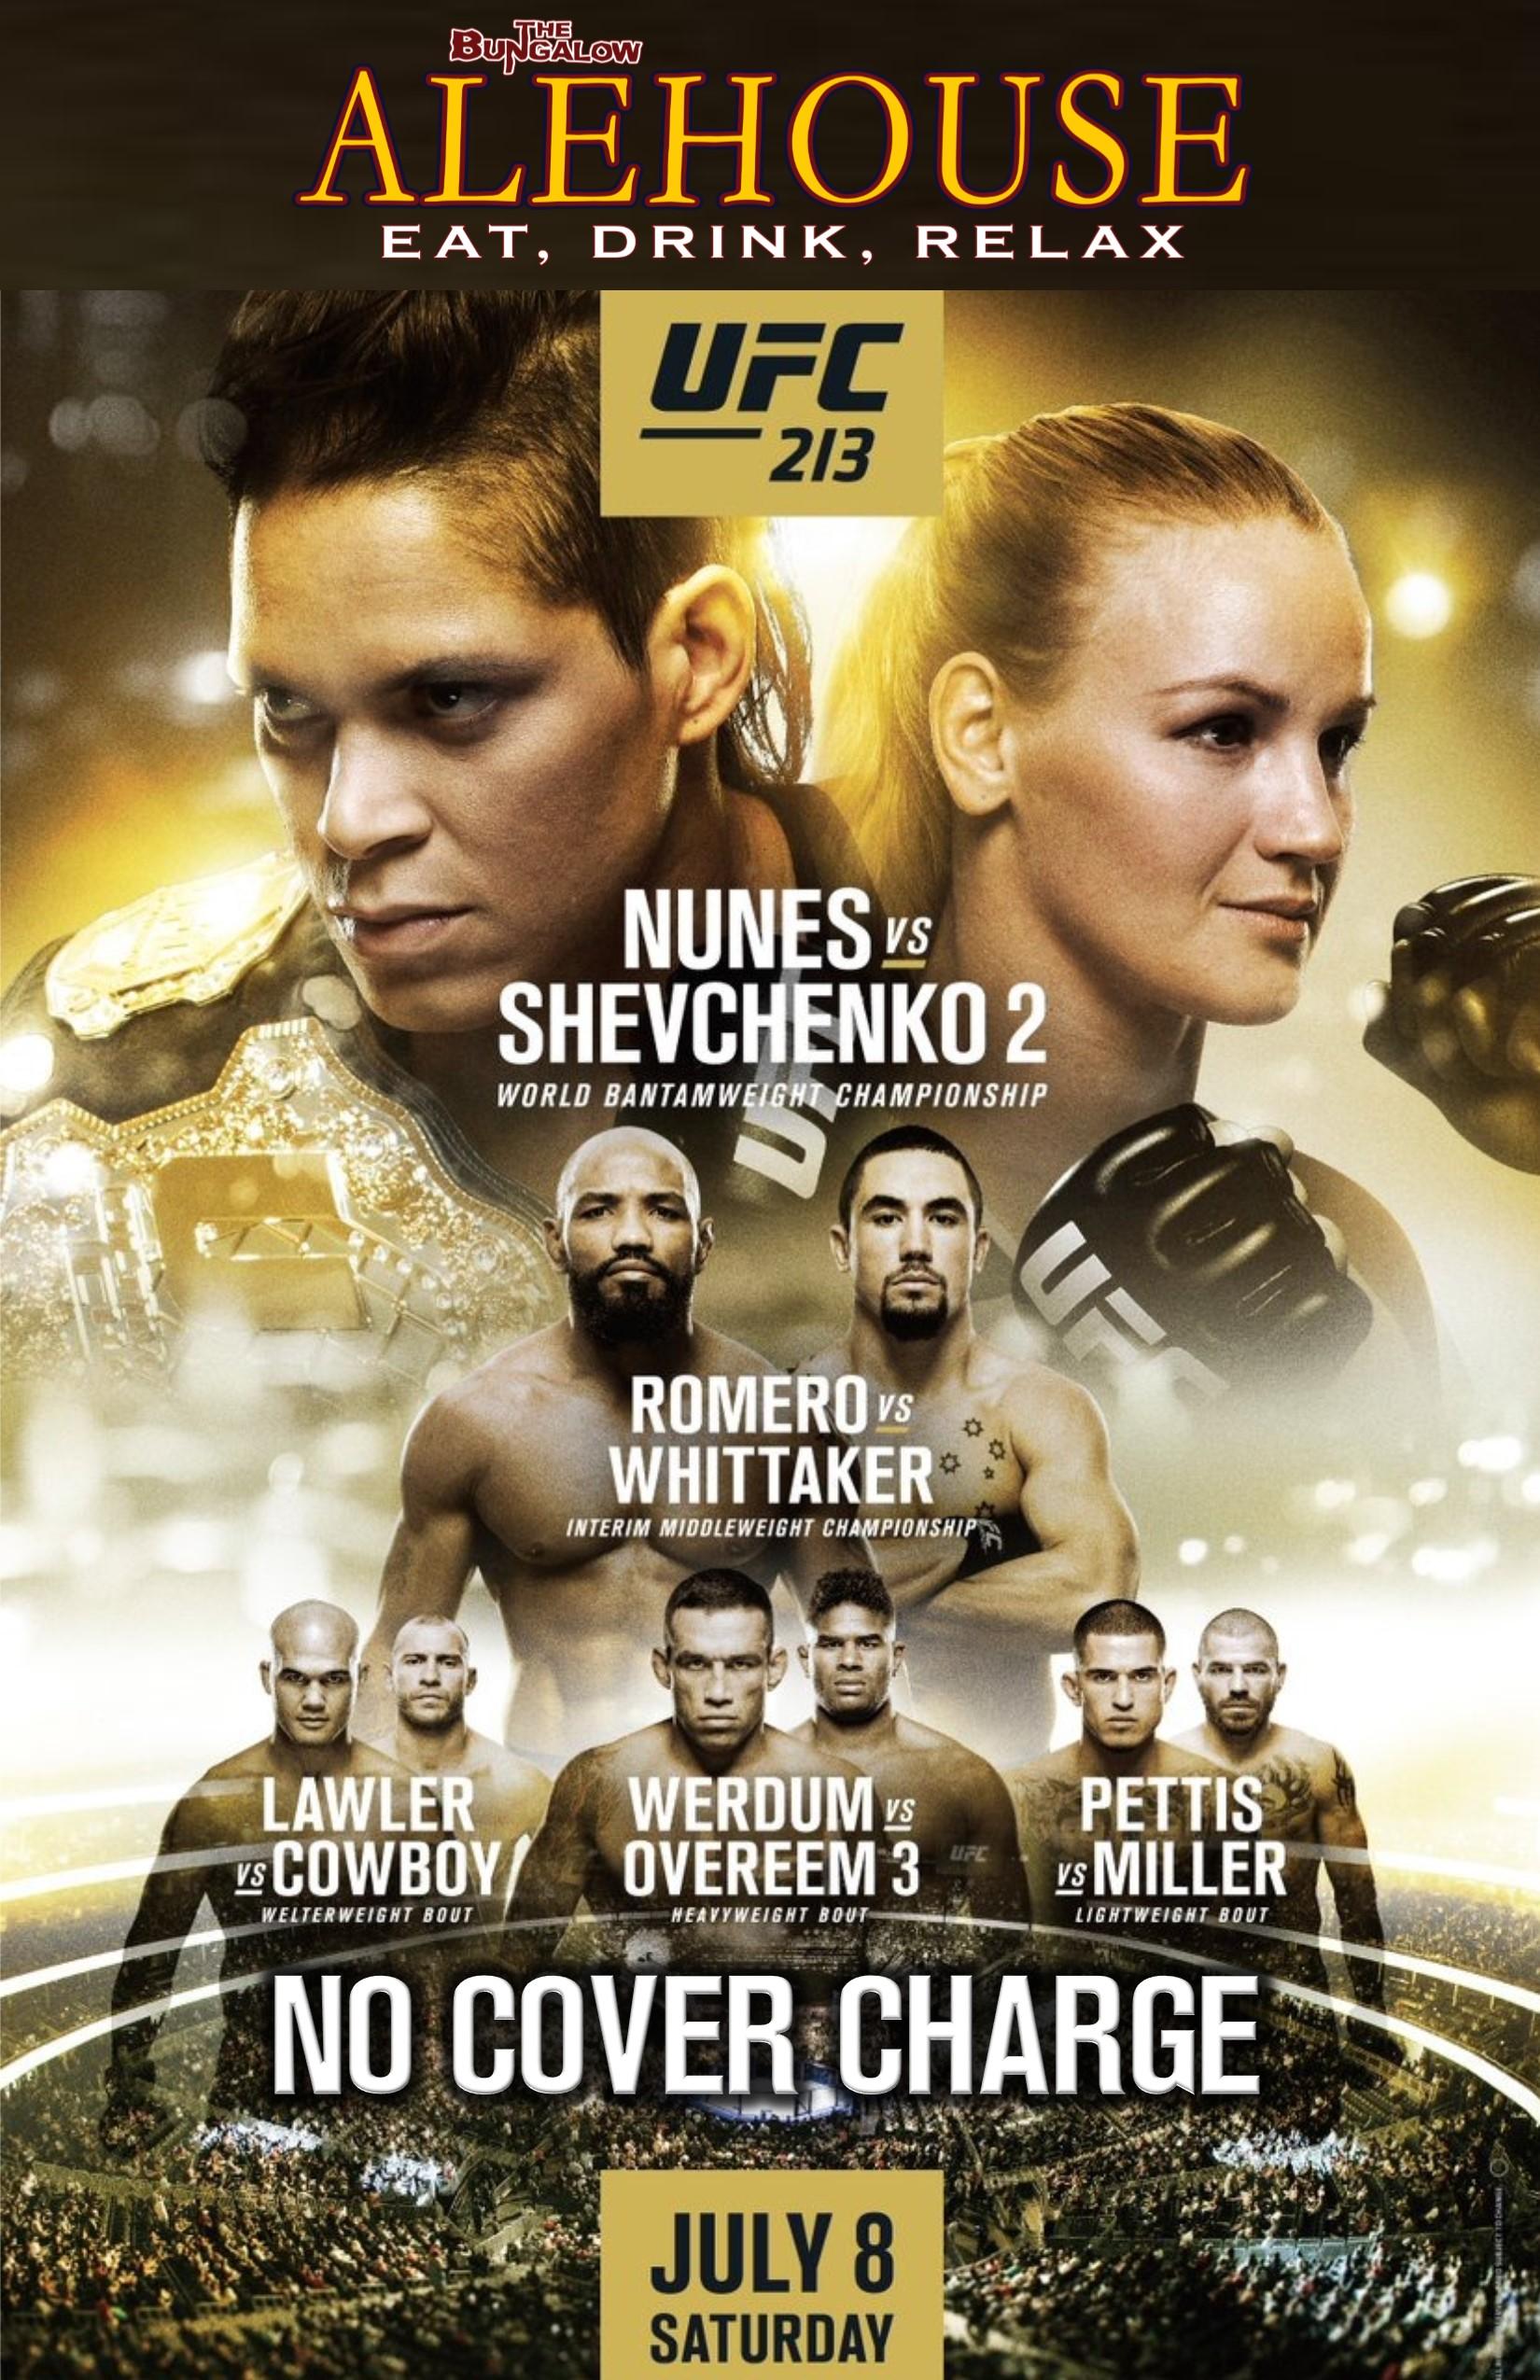 UFC 213 PM